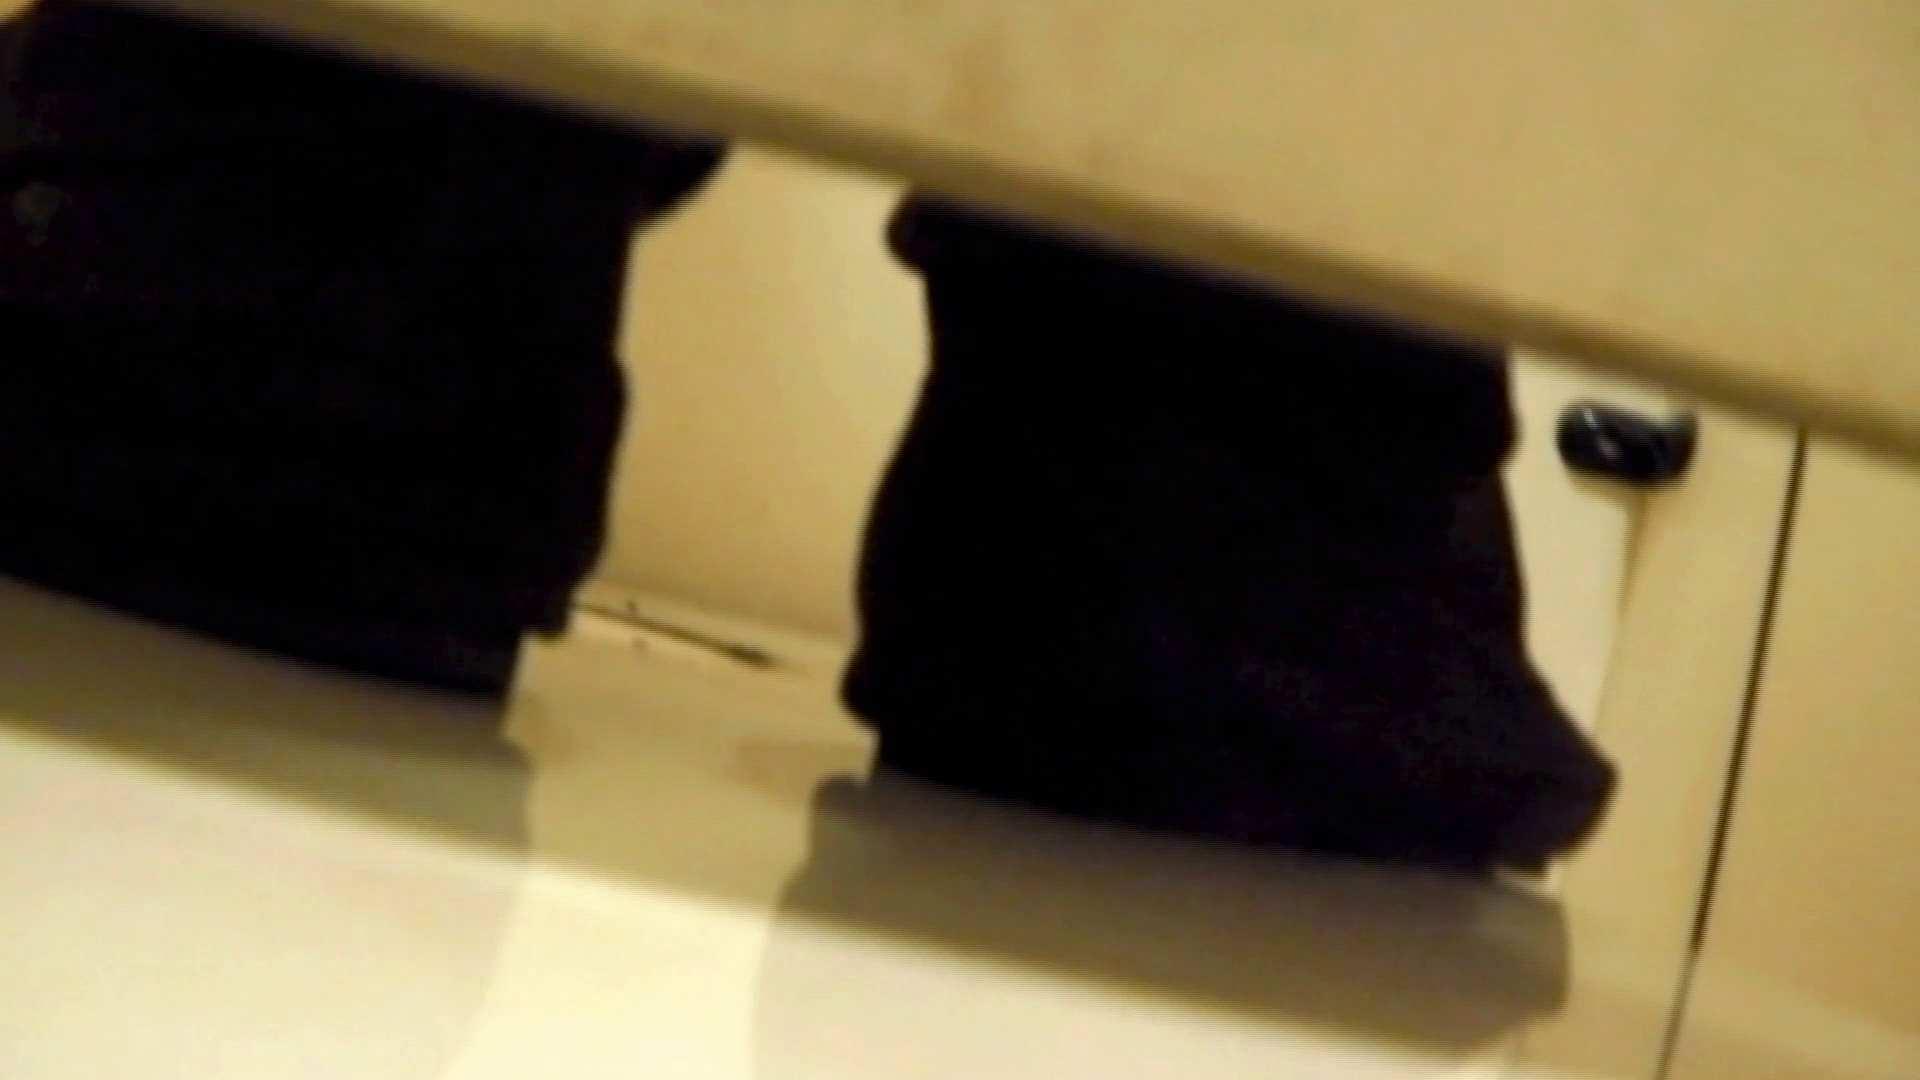 新世界の射窓 No78 トリンドル 玲奈似登場シリーズ美女率最高作! 洗面所のぞき セックス無修正動画無料 112枚 39